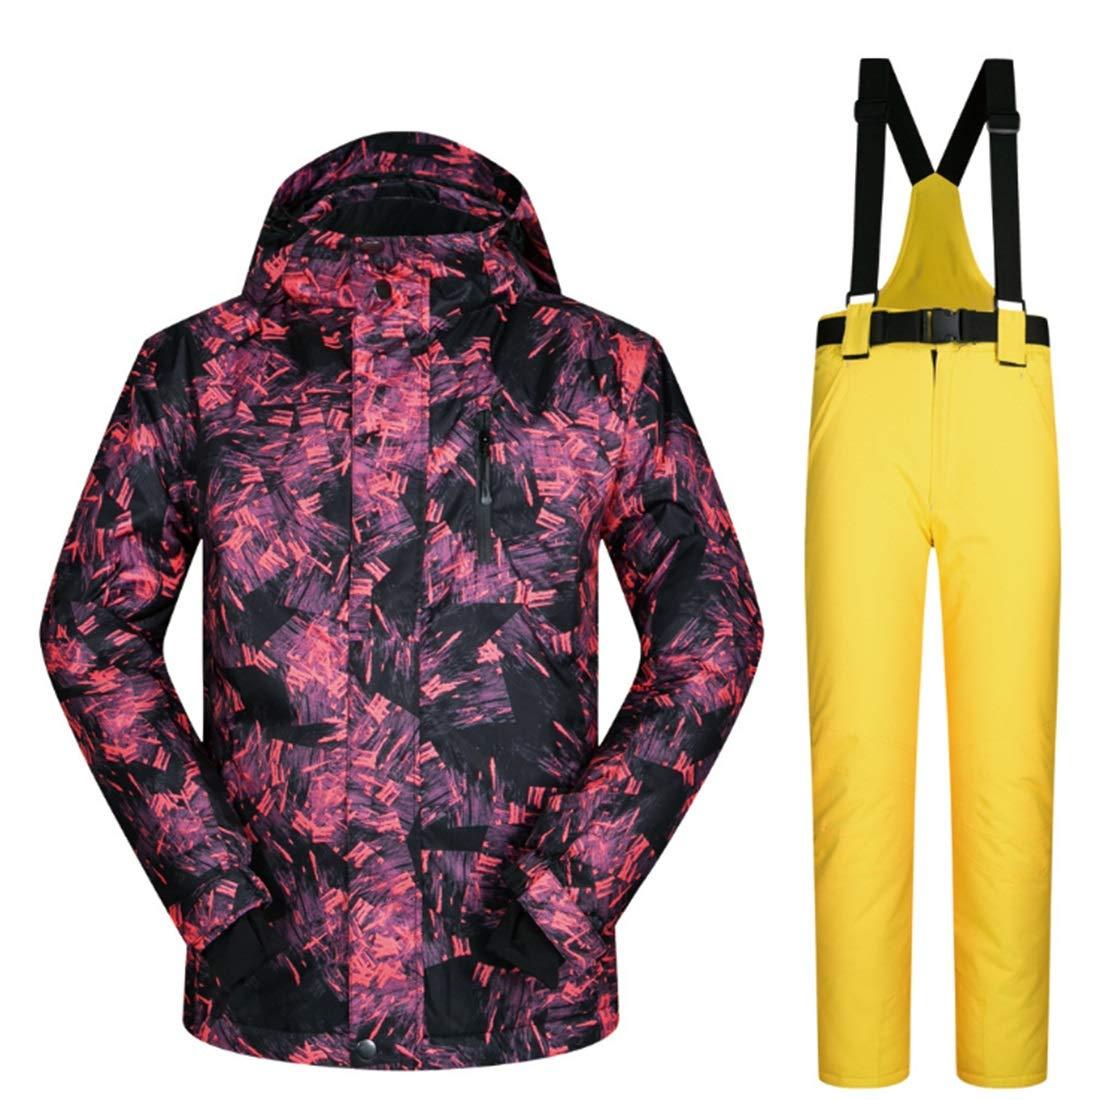 Cvthfyky Snowsuit da Uomo Winter Giacca da Sci e Pantaloni Pantaloni Pantaloni per la Neve da Pioggia Outdoor Hiking (Coloree   06, Dimensione   XXXL)B07MKP5RQZM 02 | Ad un prezzo accessibile  | Portare-resistendo  | Sale Italia  | Buon Mercato  | Molti stili  | Regalo  b0e2e1